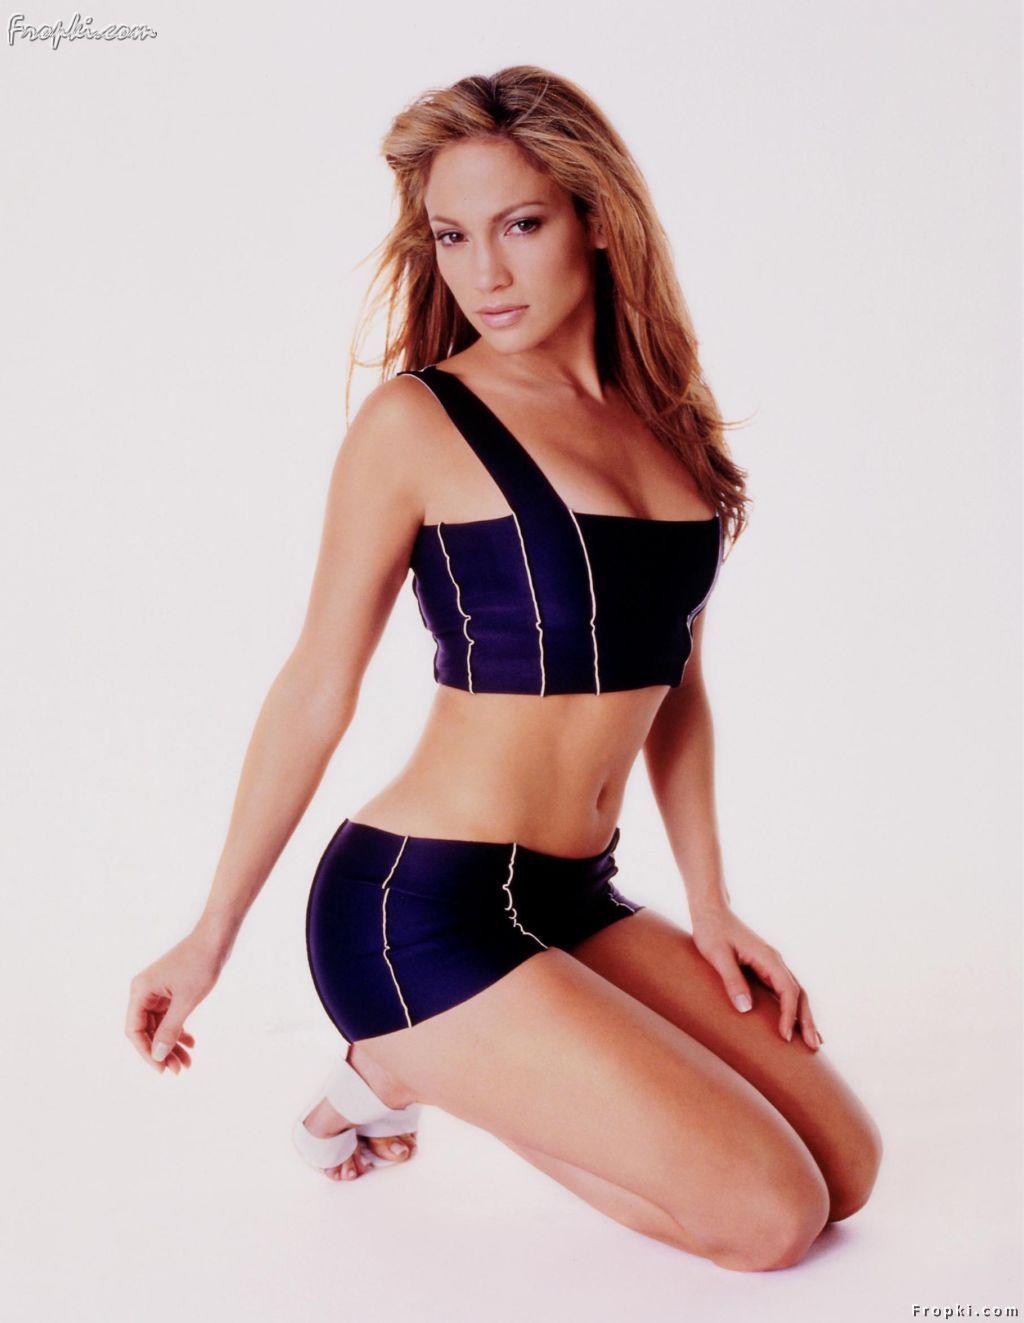 http://1.bp.blogspot.com/-58bVkTuRU20/TgFXfMKjoKI/AAAAAAAACaM/a7BCyODqxYM/s1600/Jennifer+Lopez81.jpg